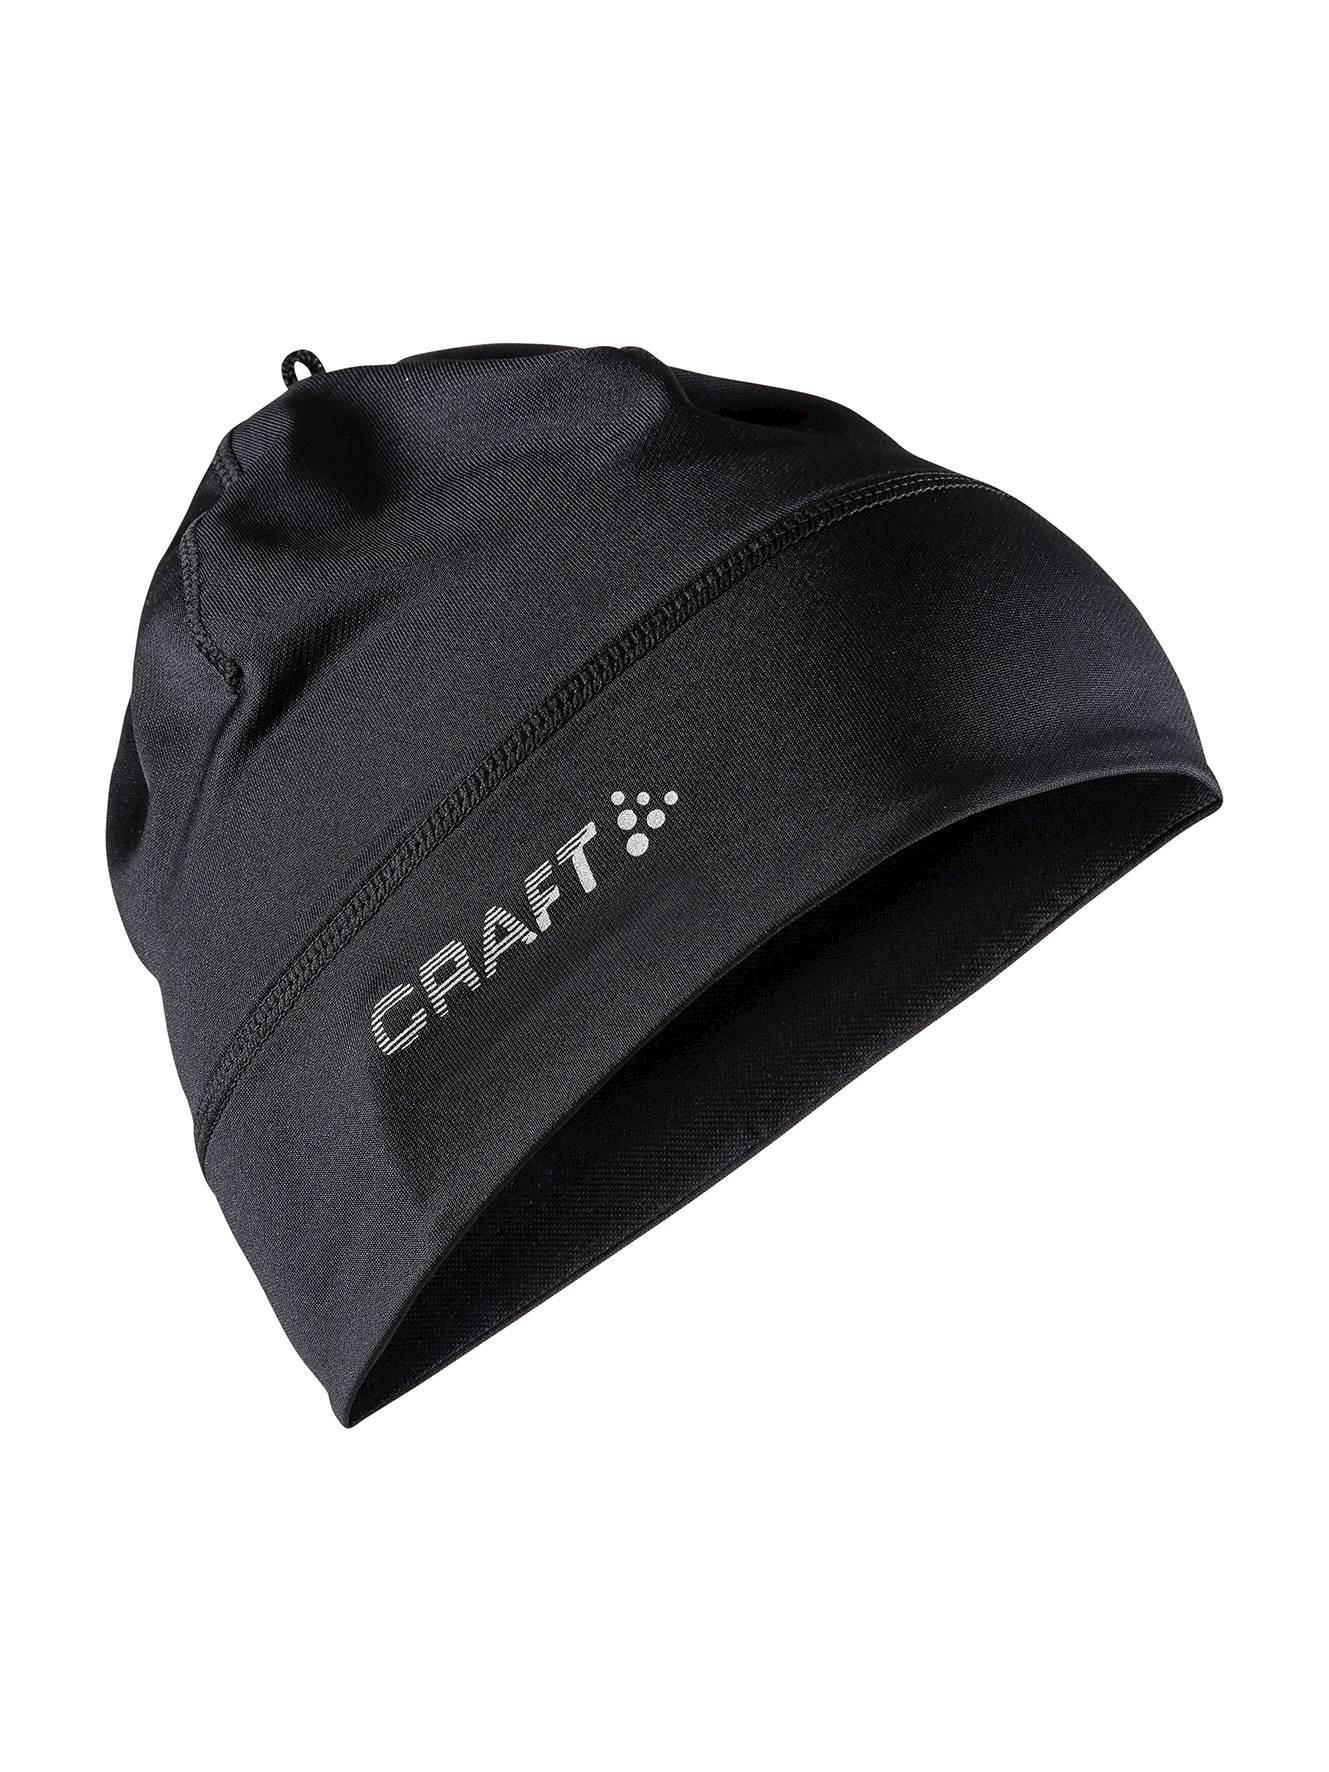 Craft Čiapky Repeat čierna